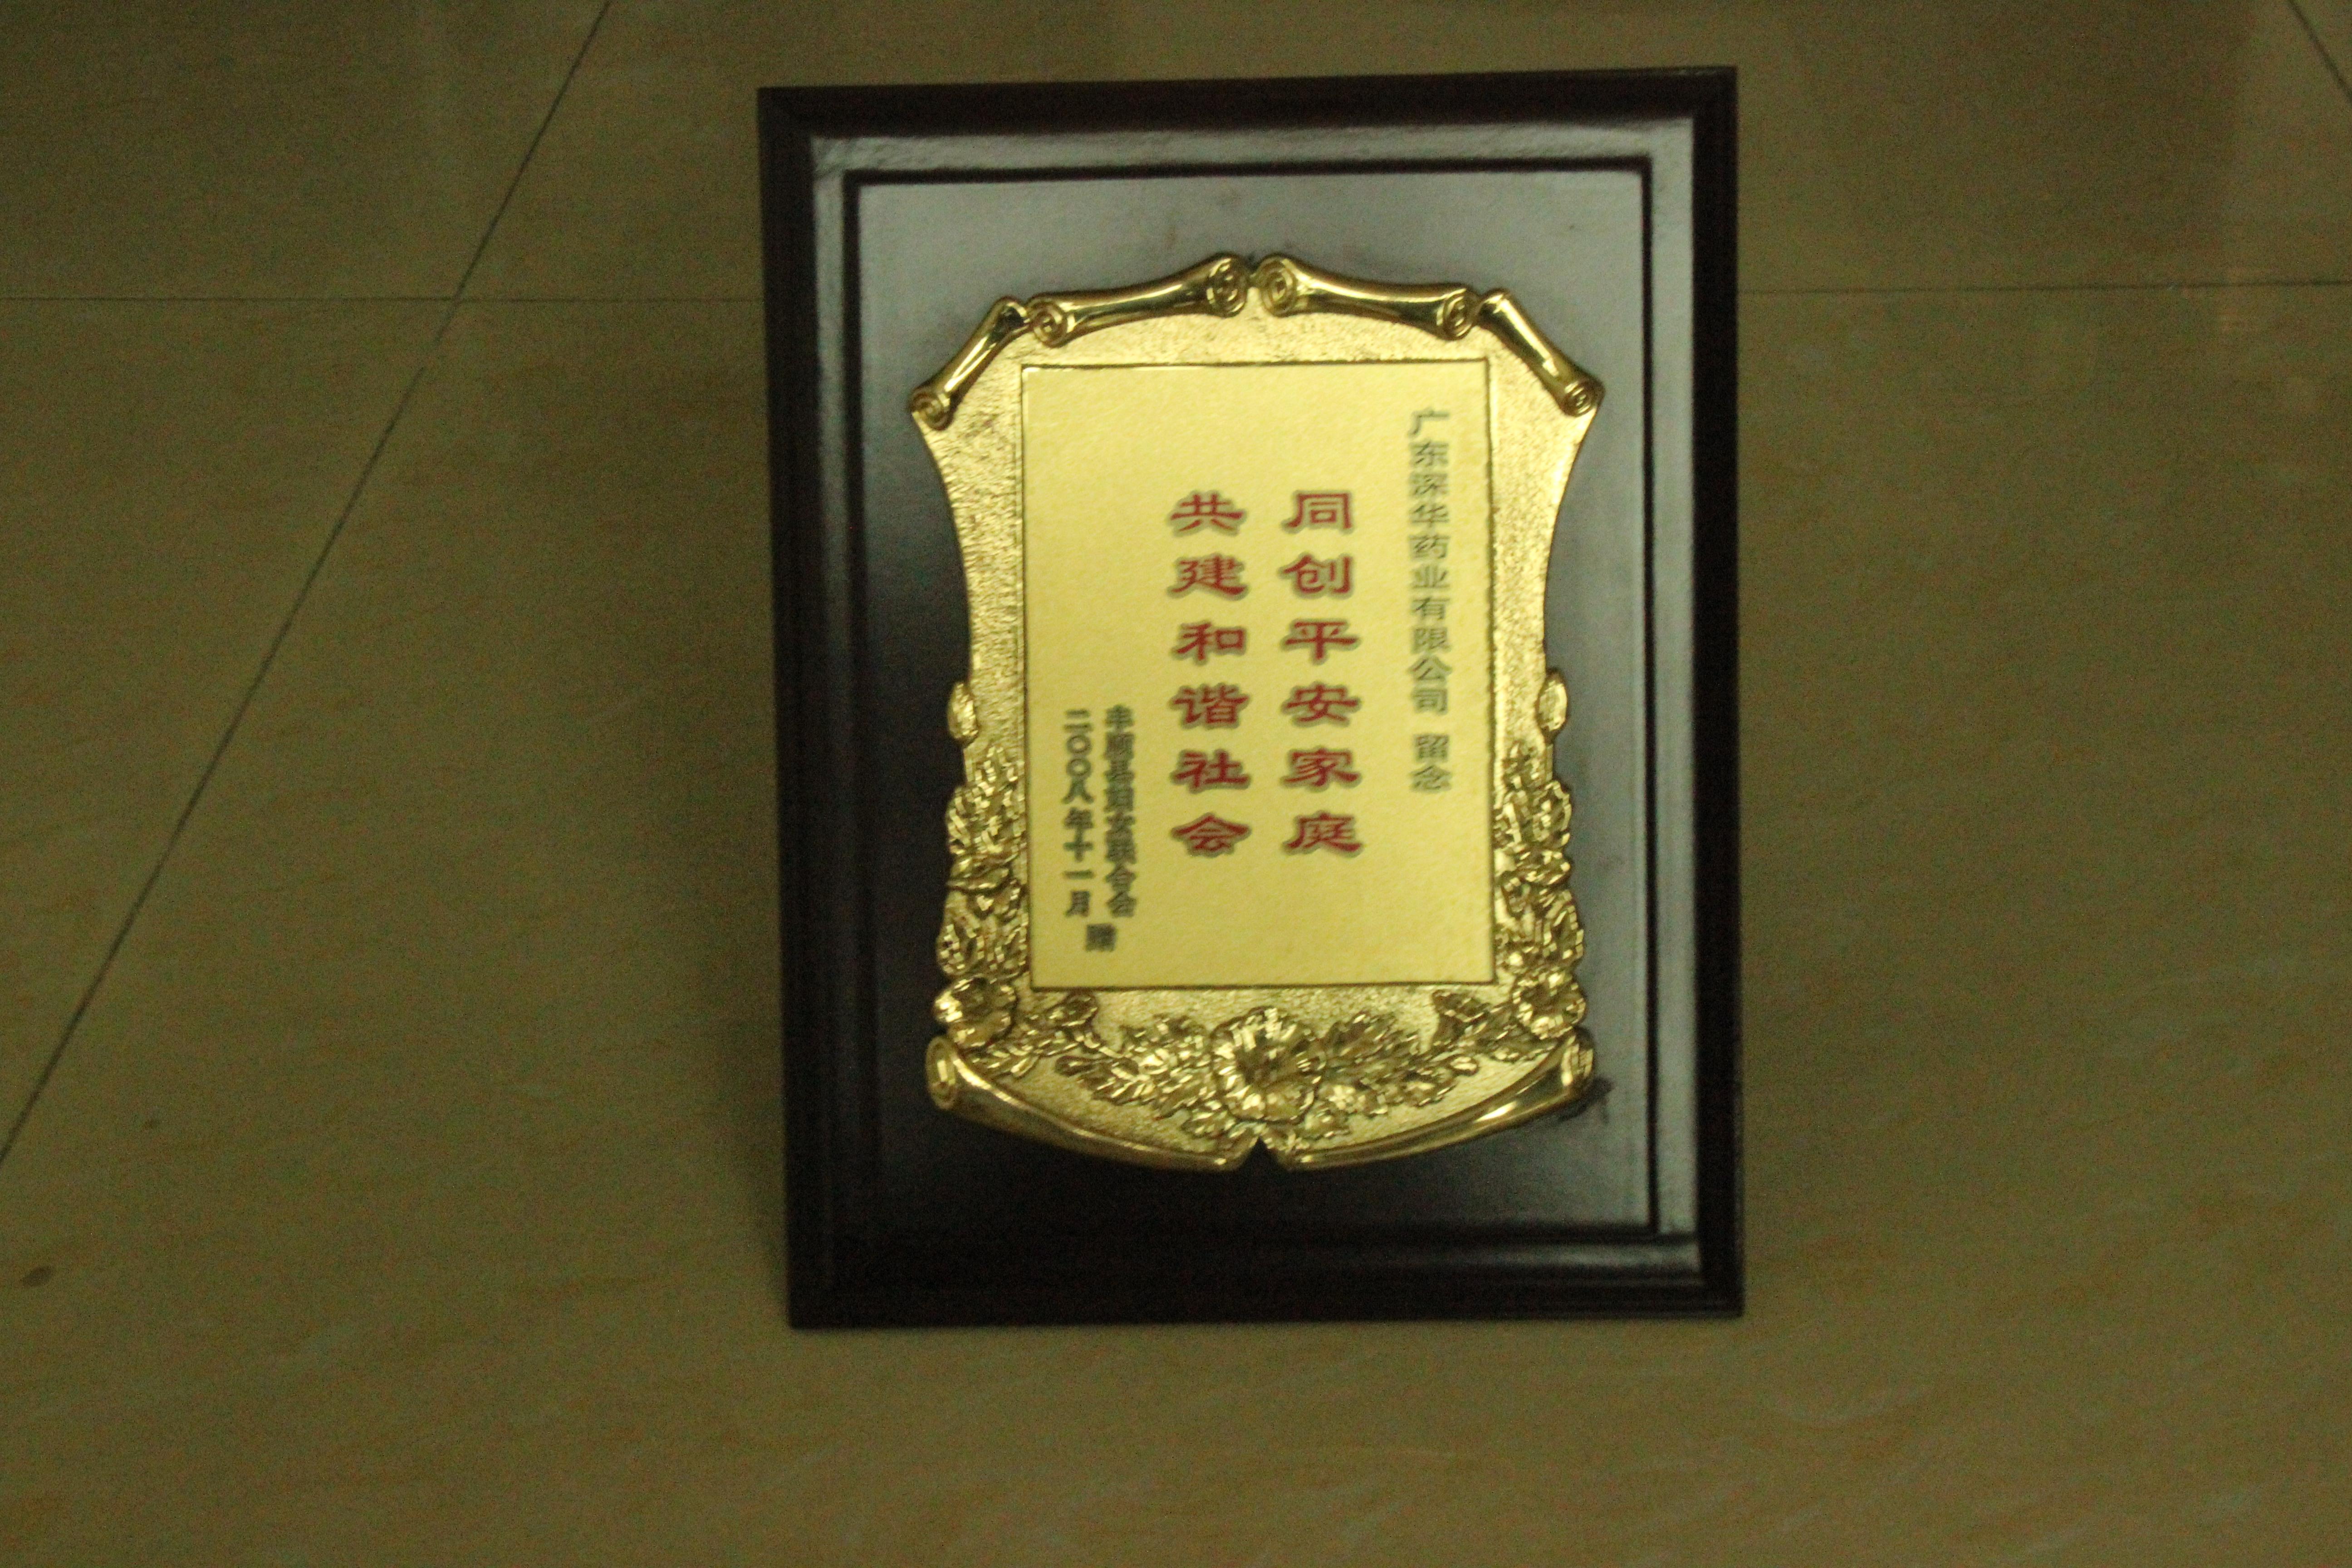 2008同创平安家庭 共建和谐社会(丰顺县妇女联合会)